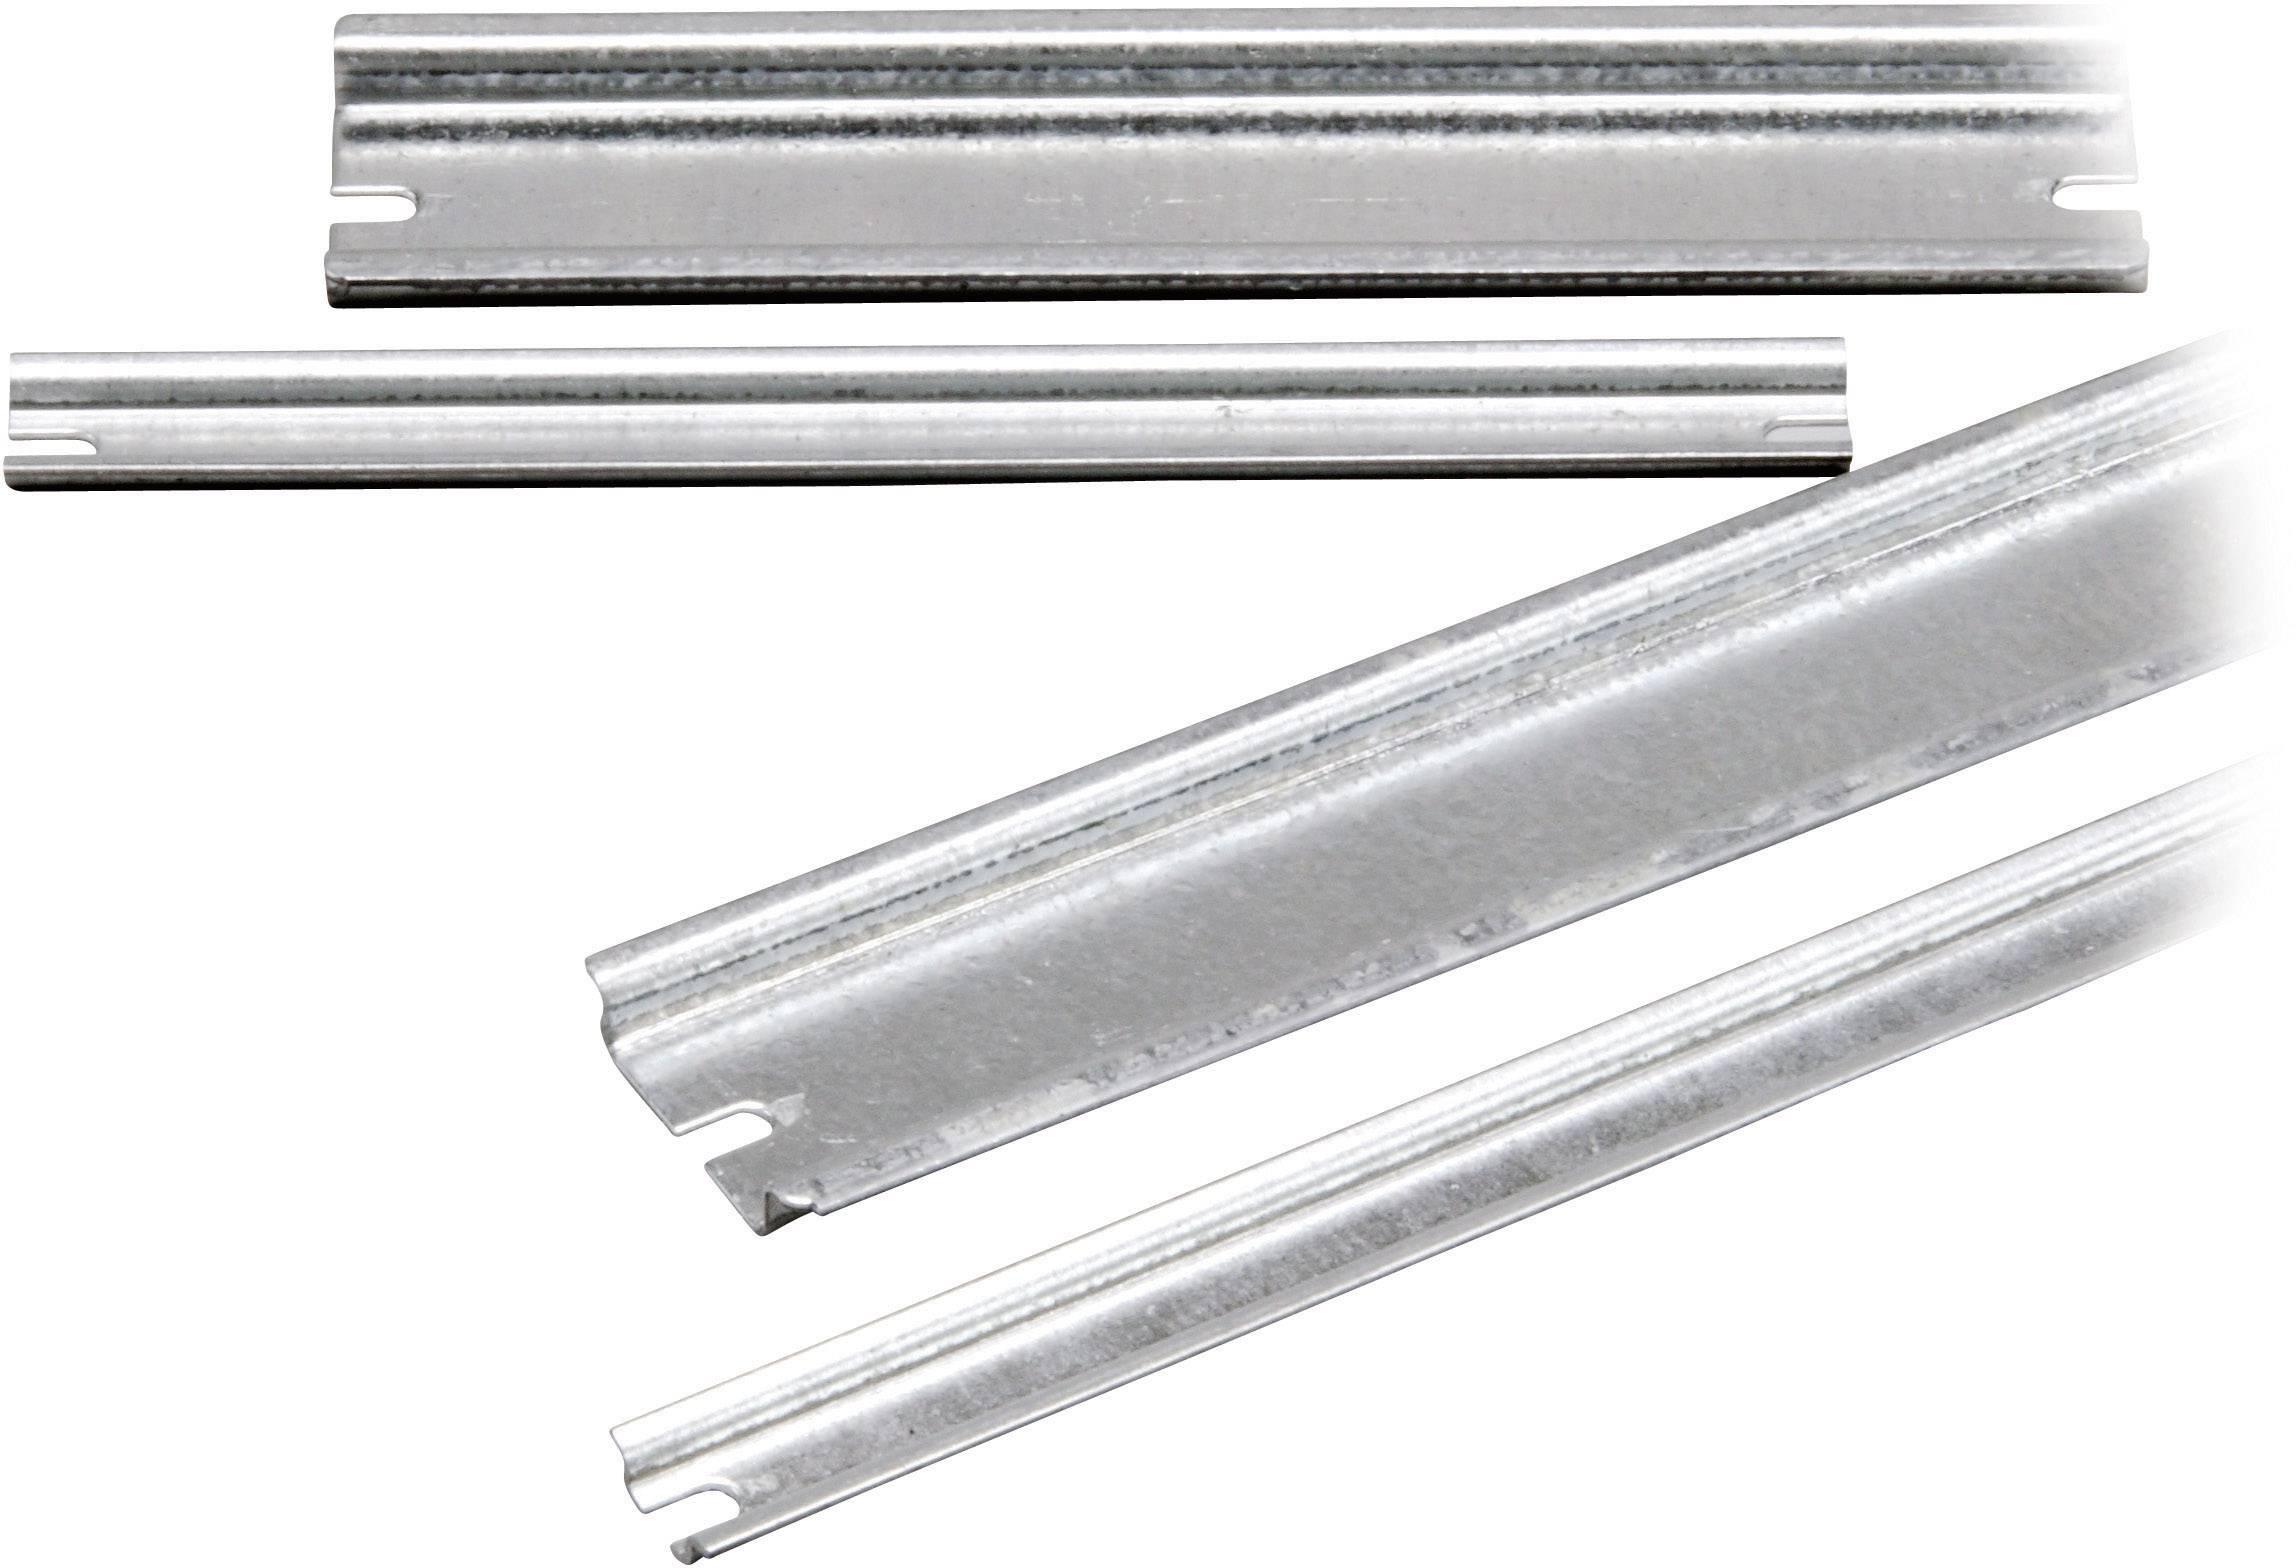 Montážní lišta Fibox EKV 12, (d x š x v) 160 x 35 x 7,5 mm (EKV 12)